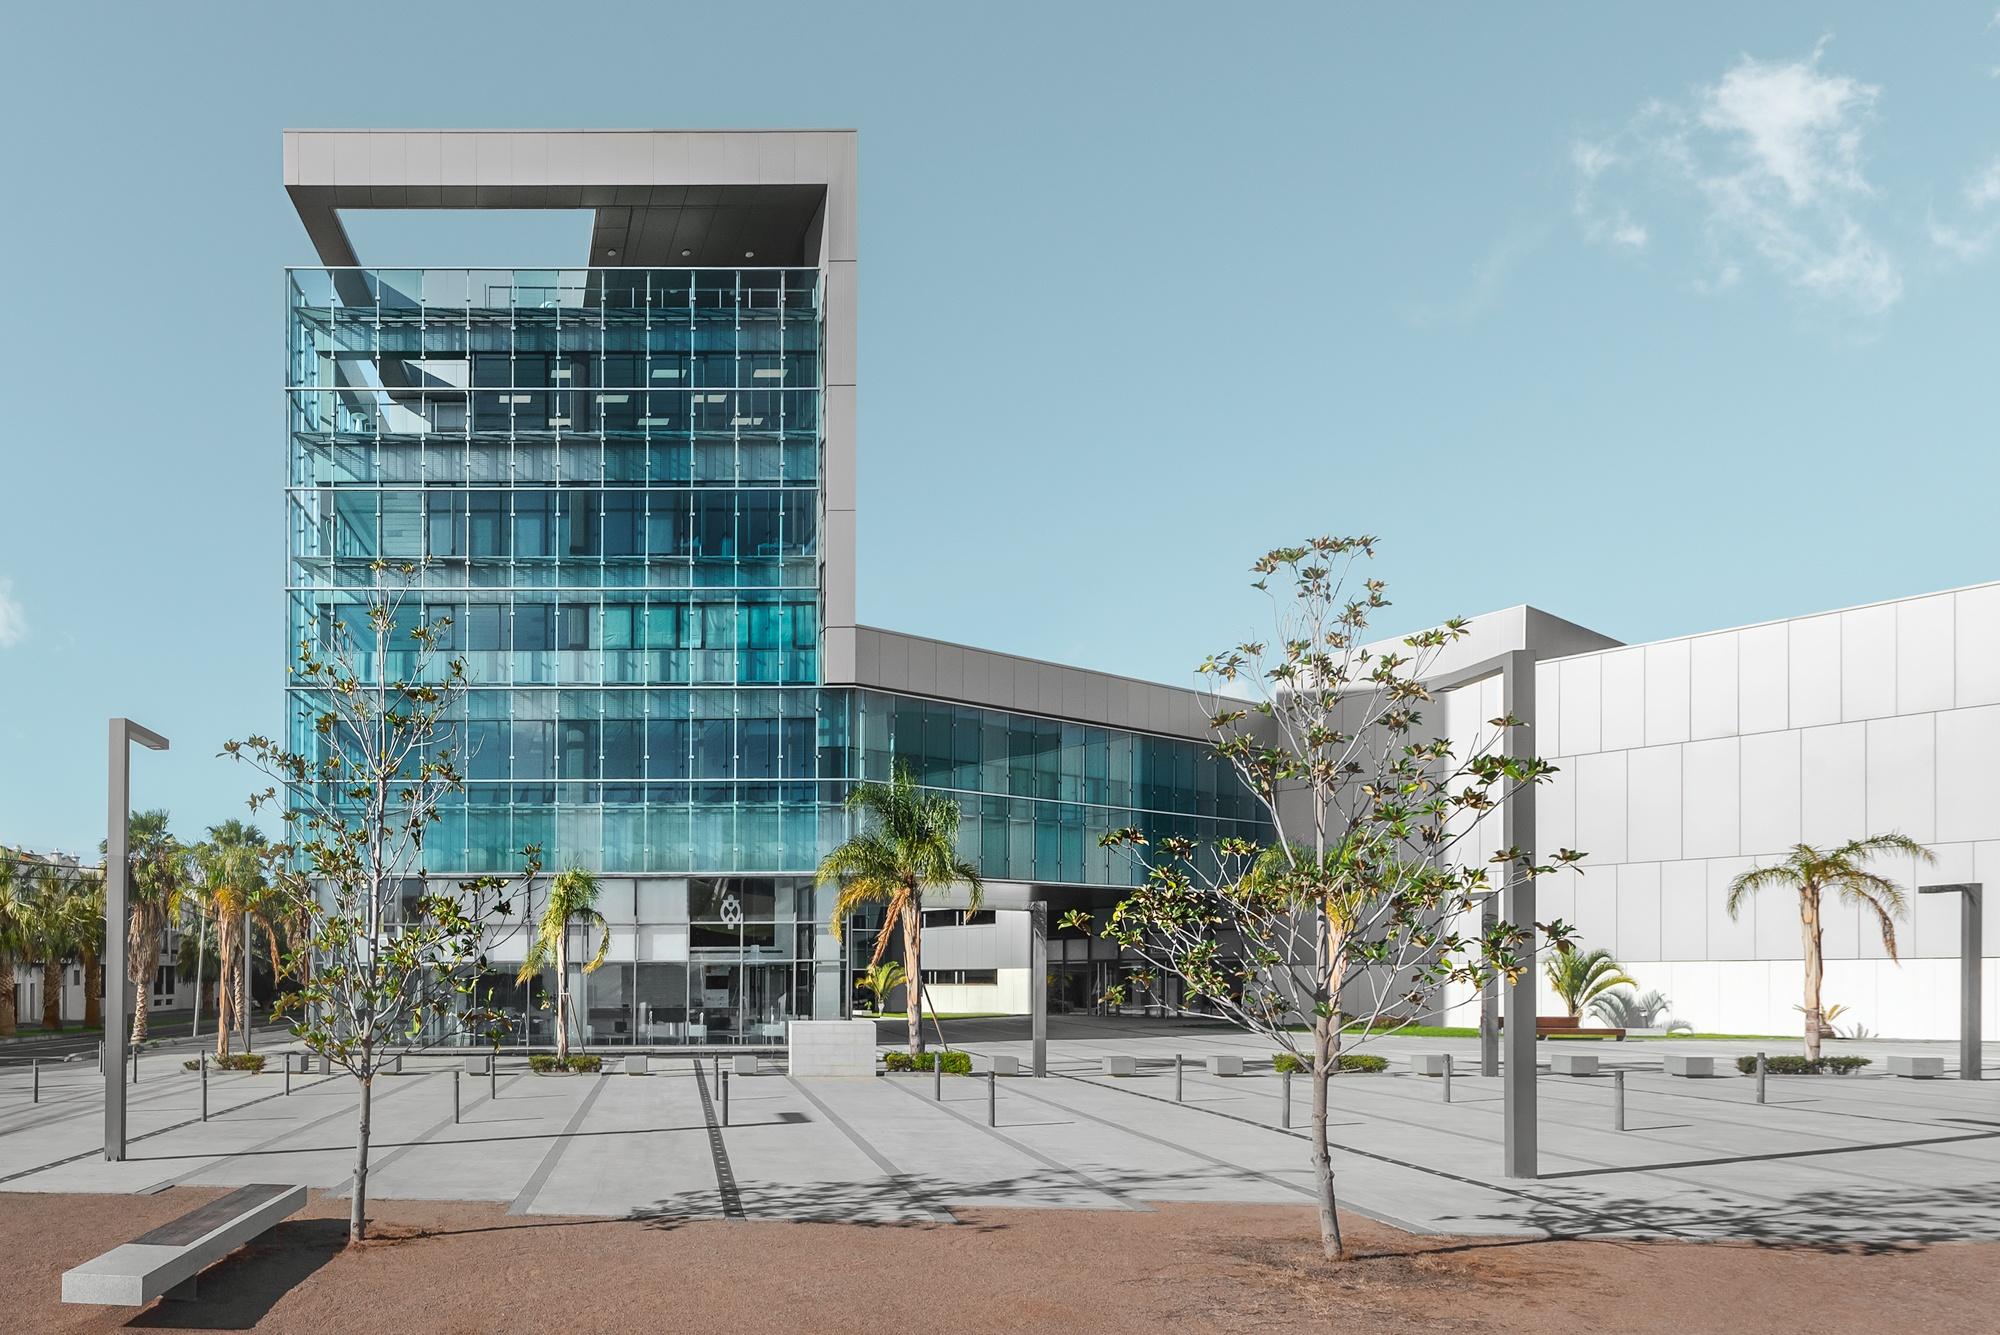 Centro de Desarrollo Turístico, Motril | Dani Vottero, fotógrafo de arquitectura - ARQUITECTURA - Fotografía de Arquitectura | Dani Vottero